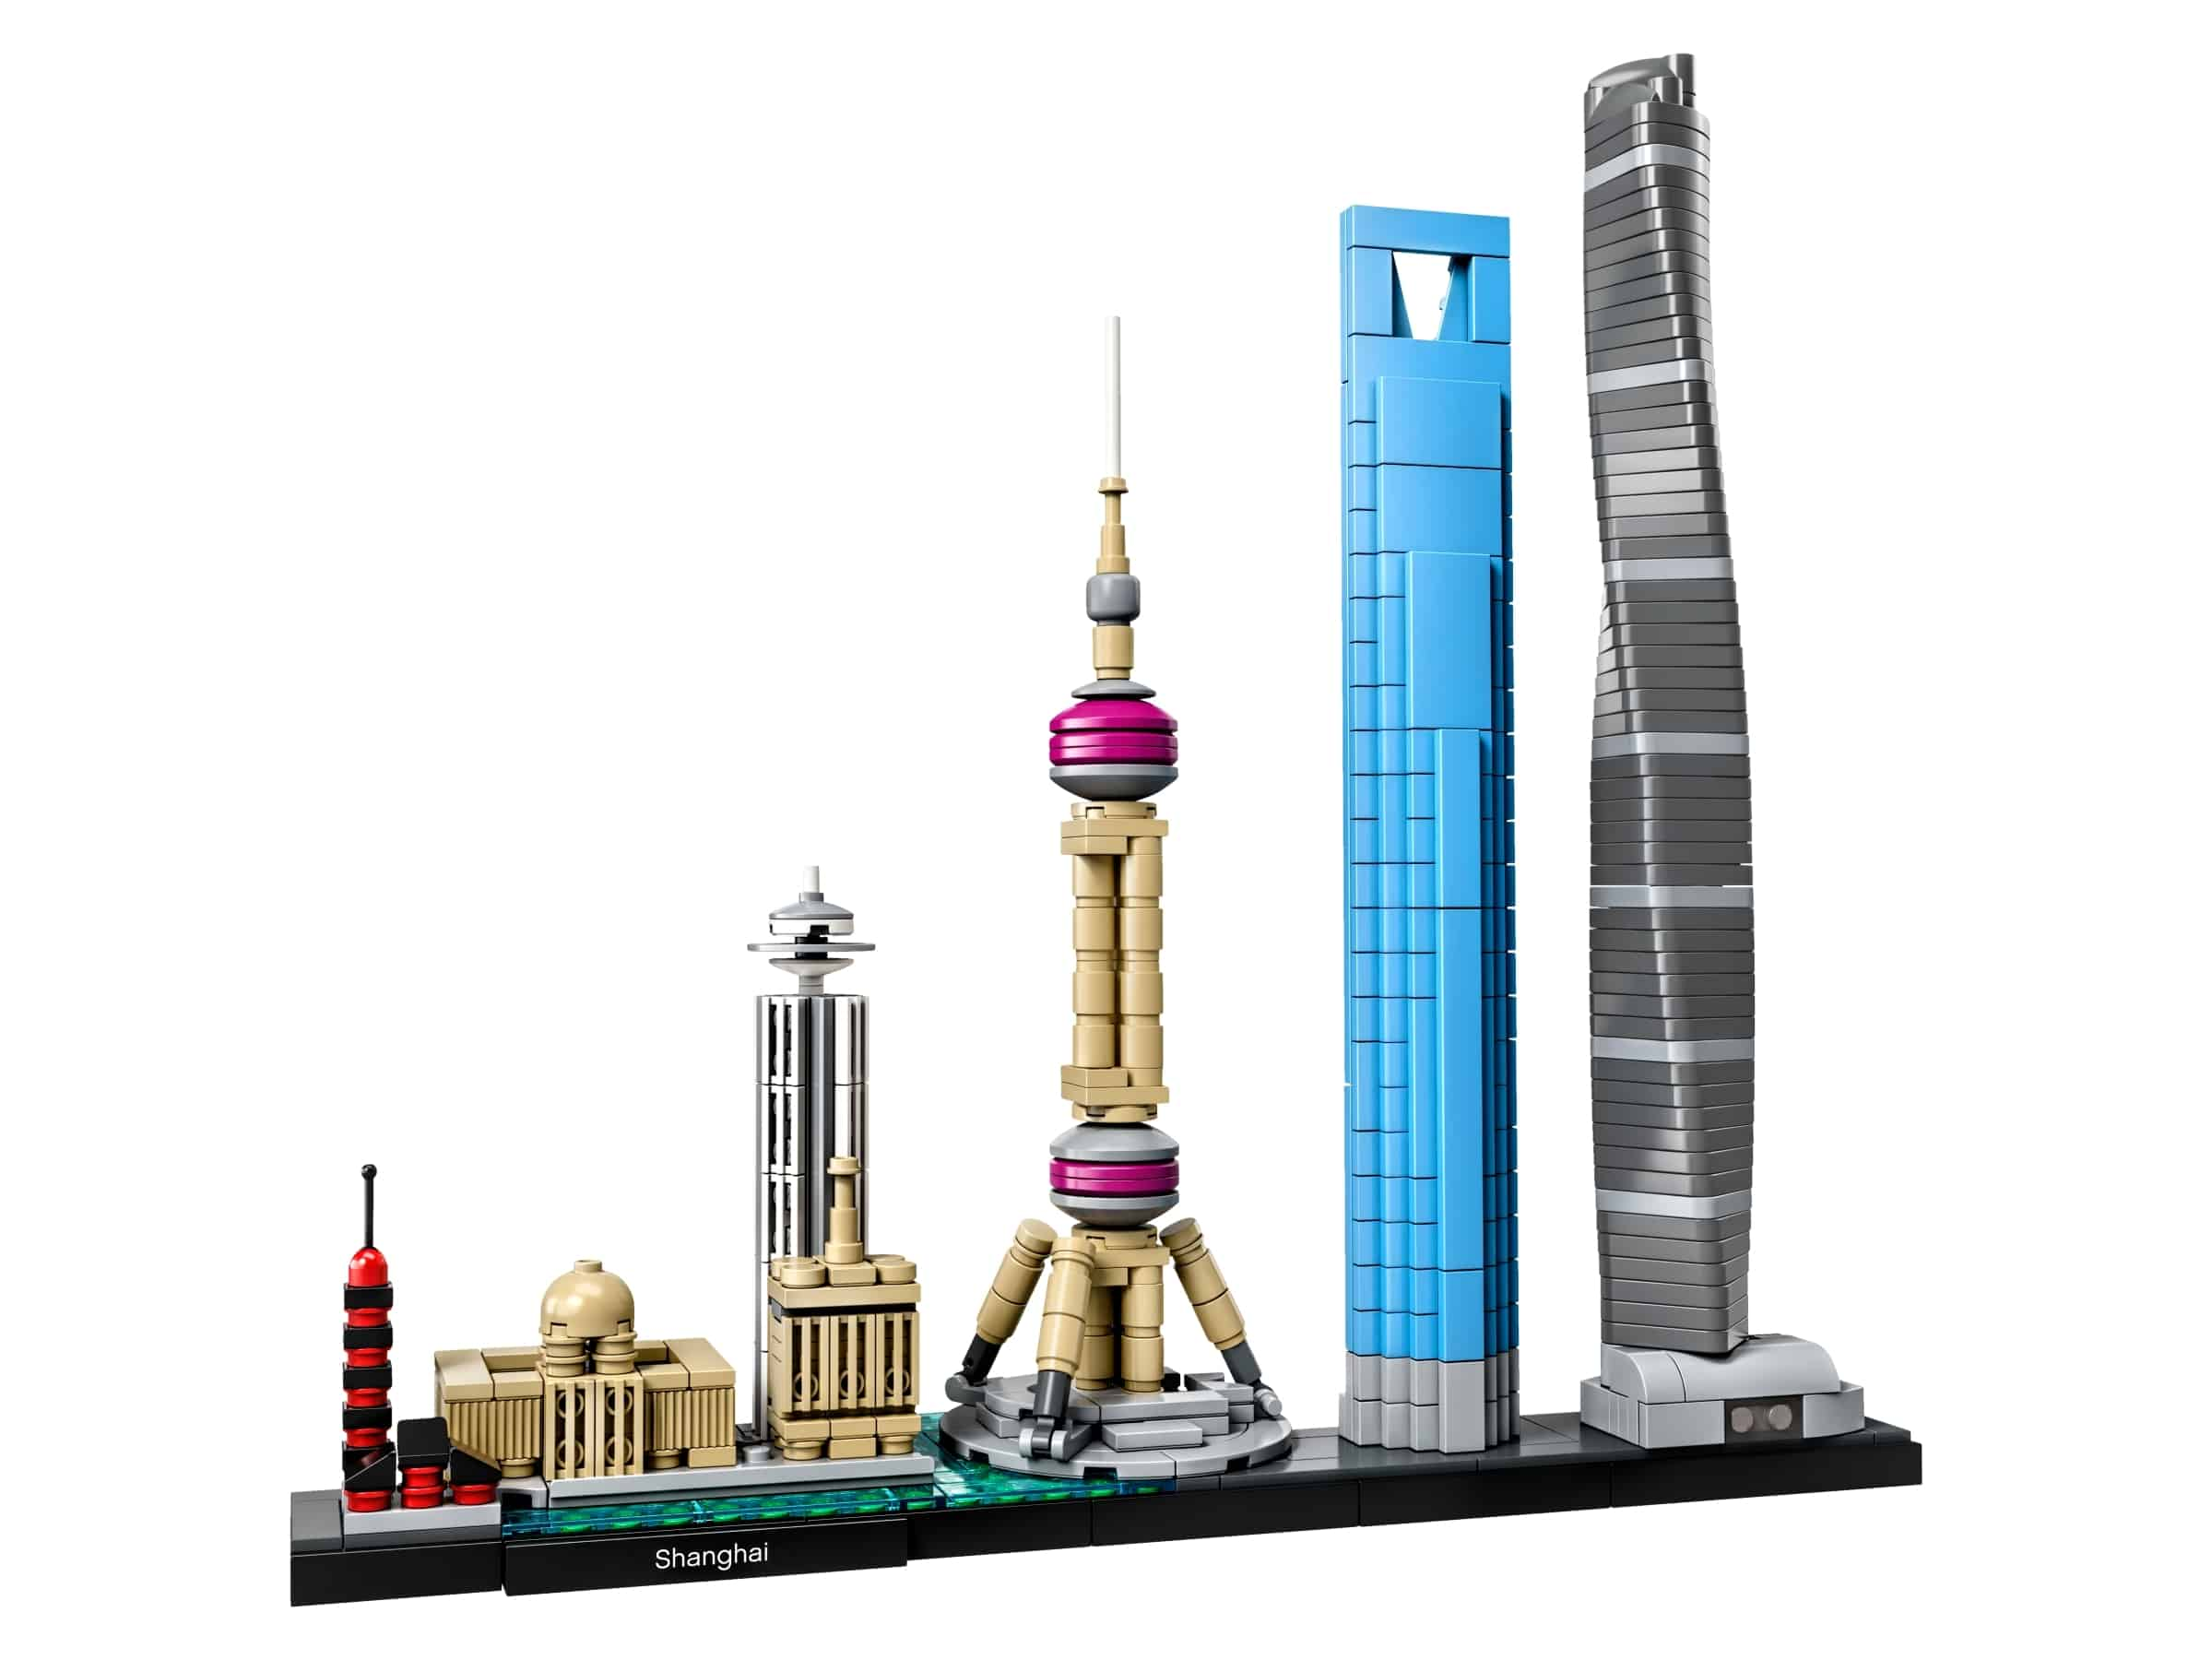 lego shanghai 21039